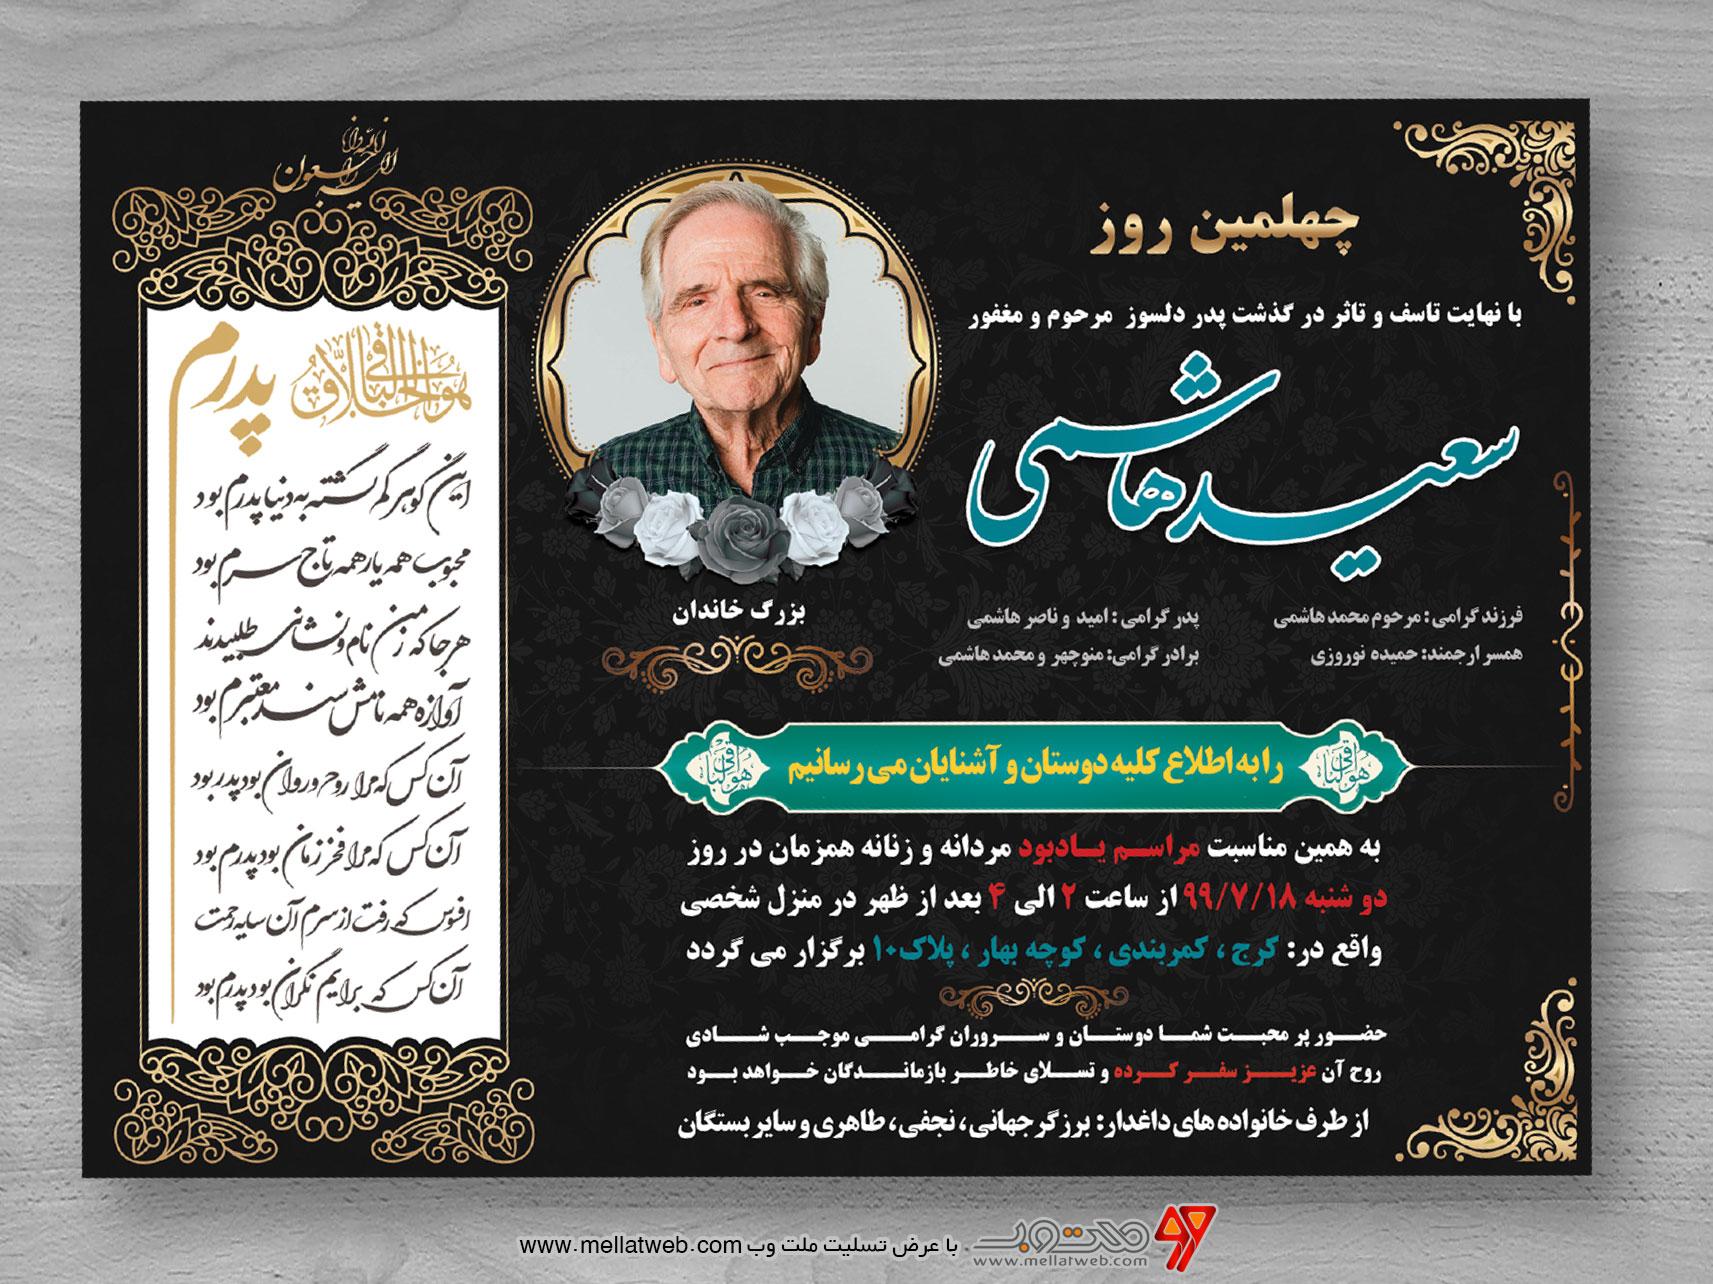 طرح لایه باز اعلامیه ترحیم فوت پدر با فرمت psd آگهی فوت چهلمین روز